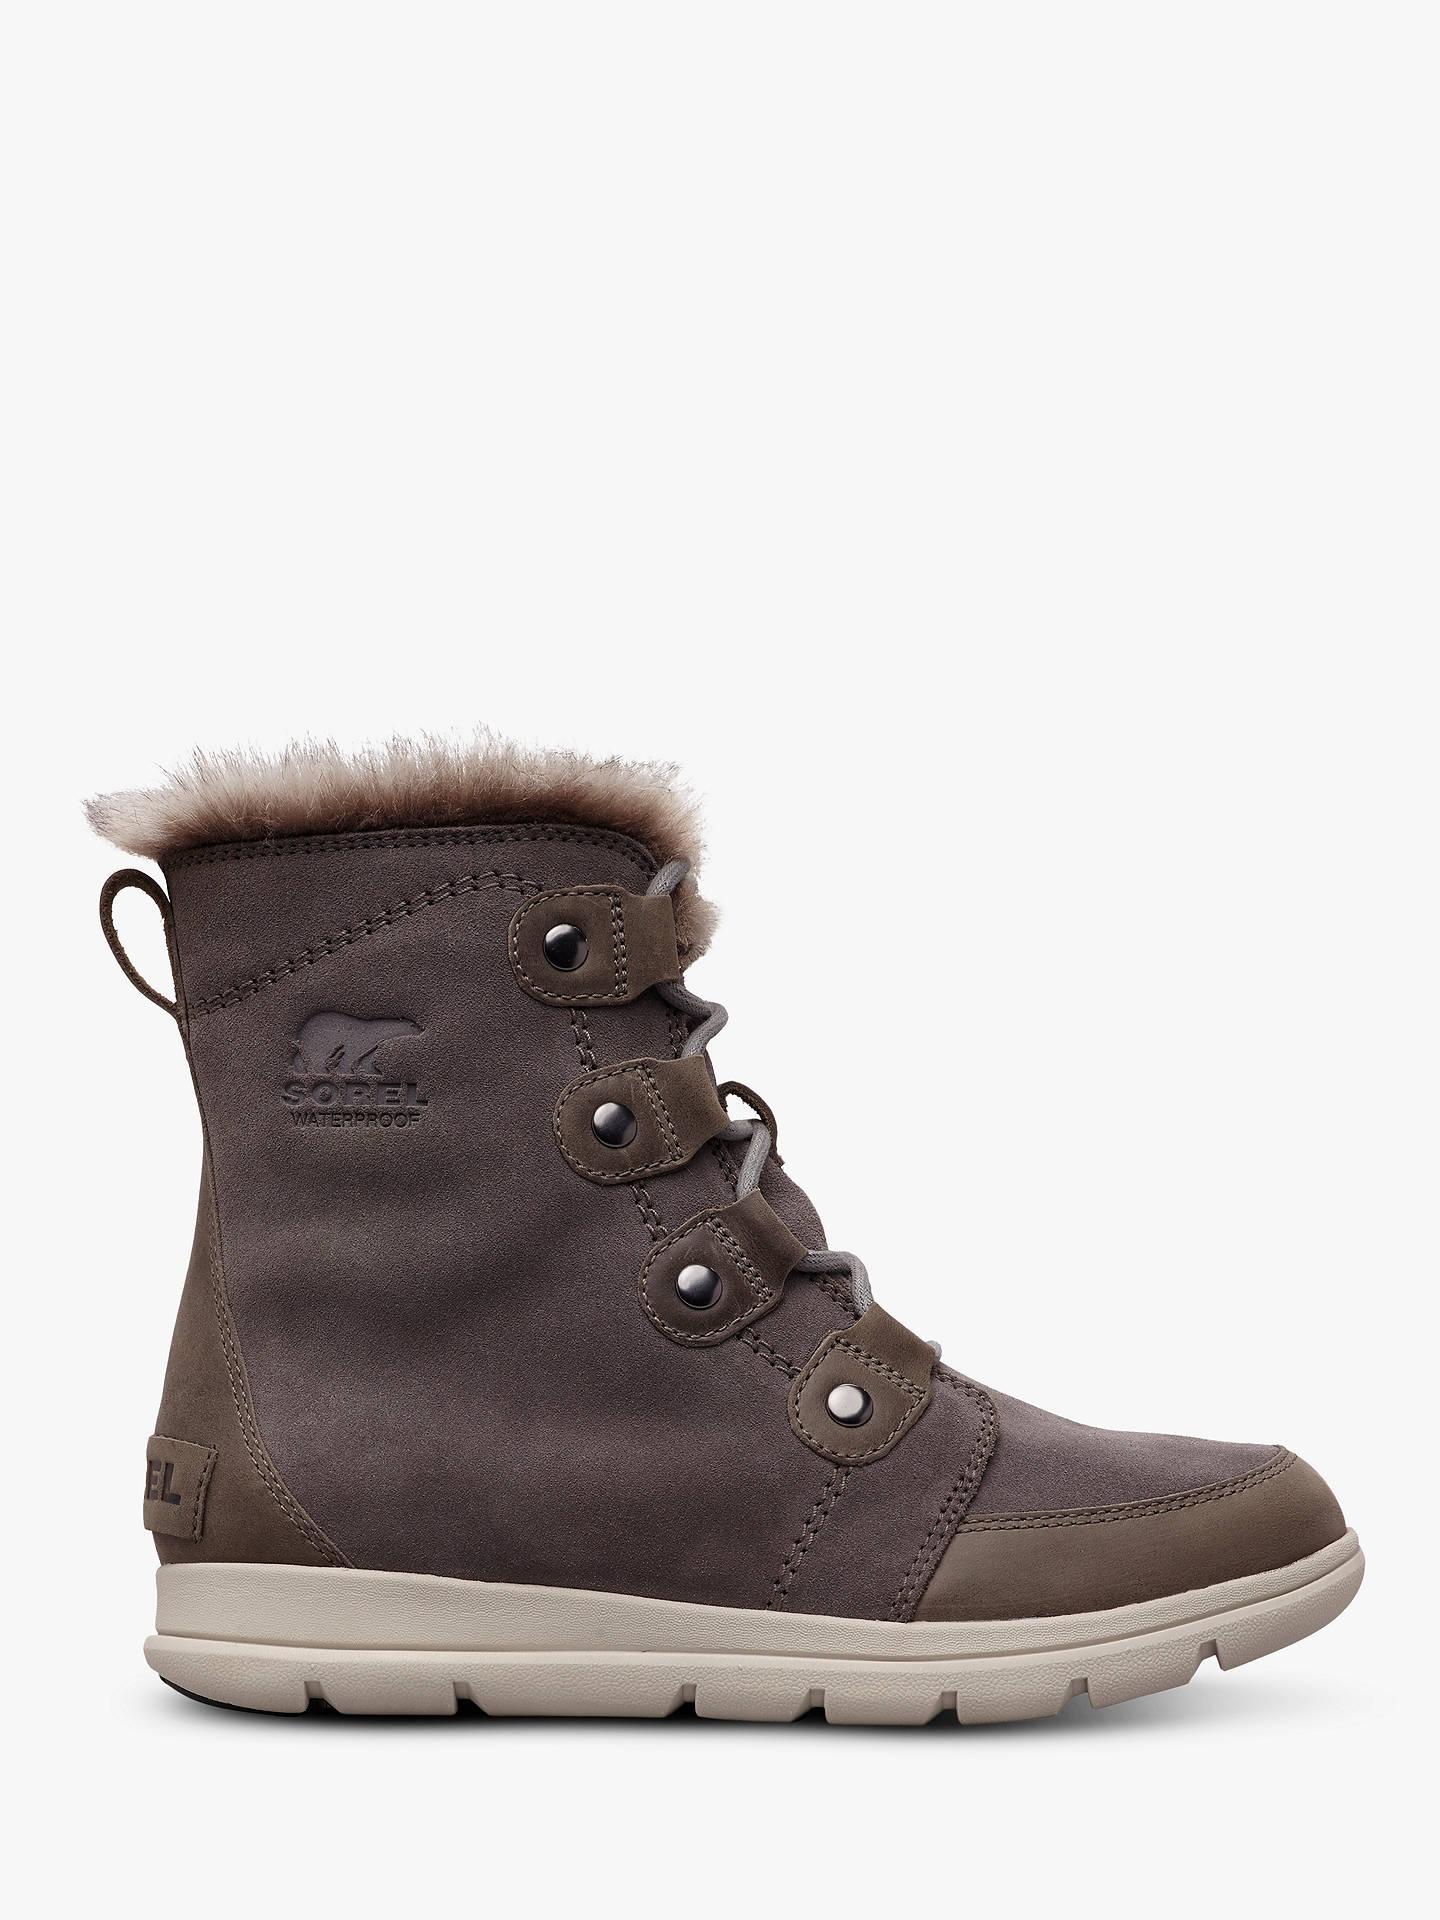 b11d6370b1d Sorel Explorer Joan Snow Boots, Grey